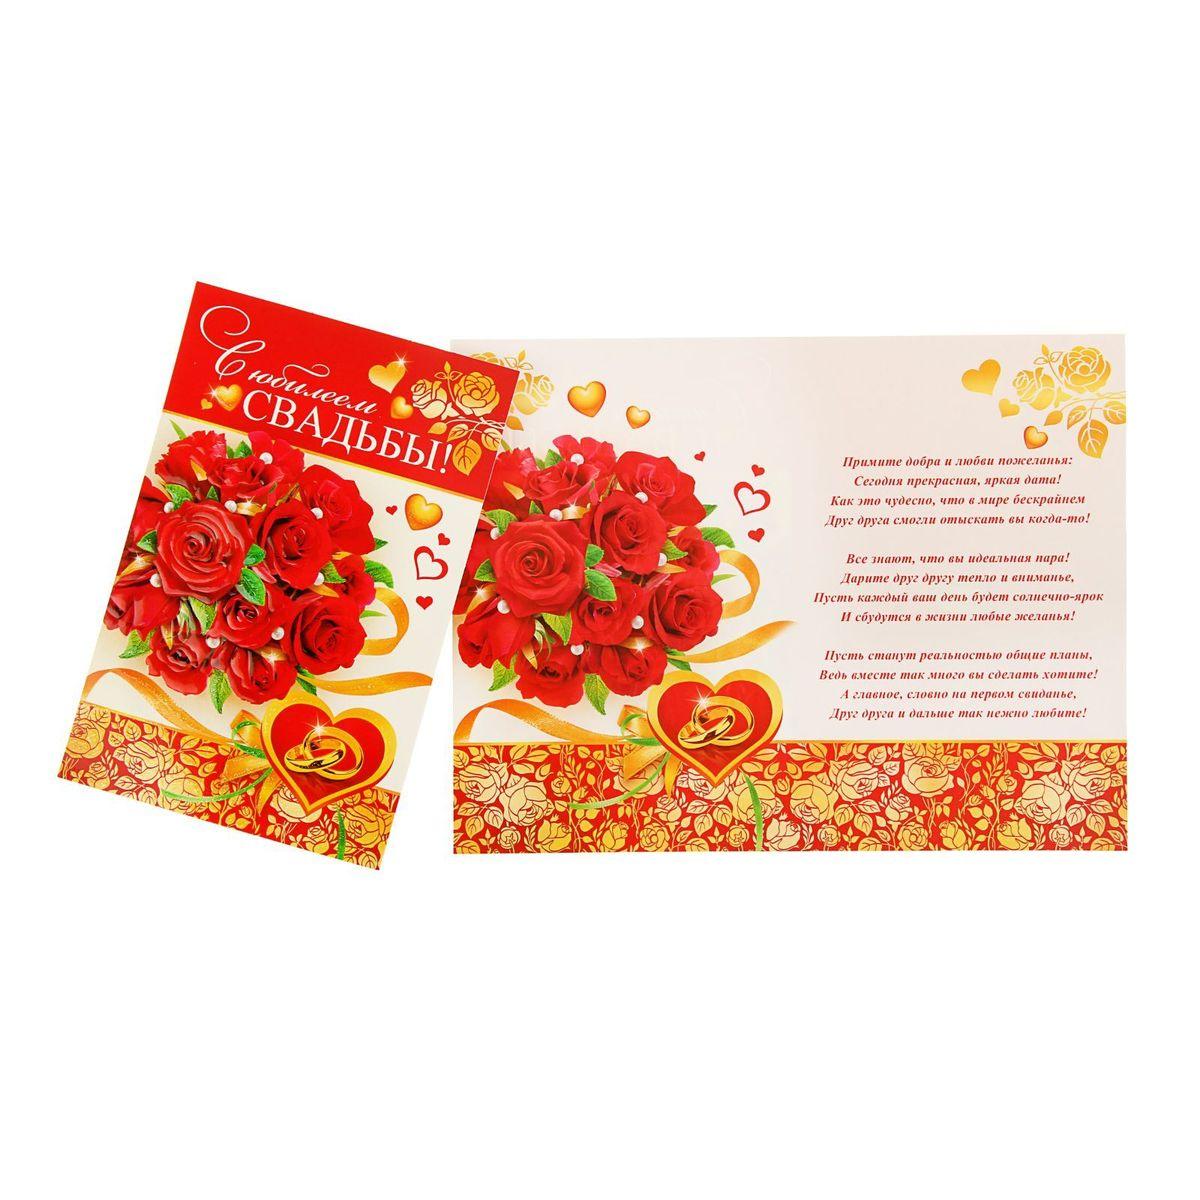 Поздравления золотом на открытках